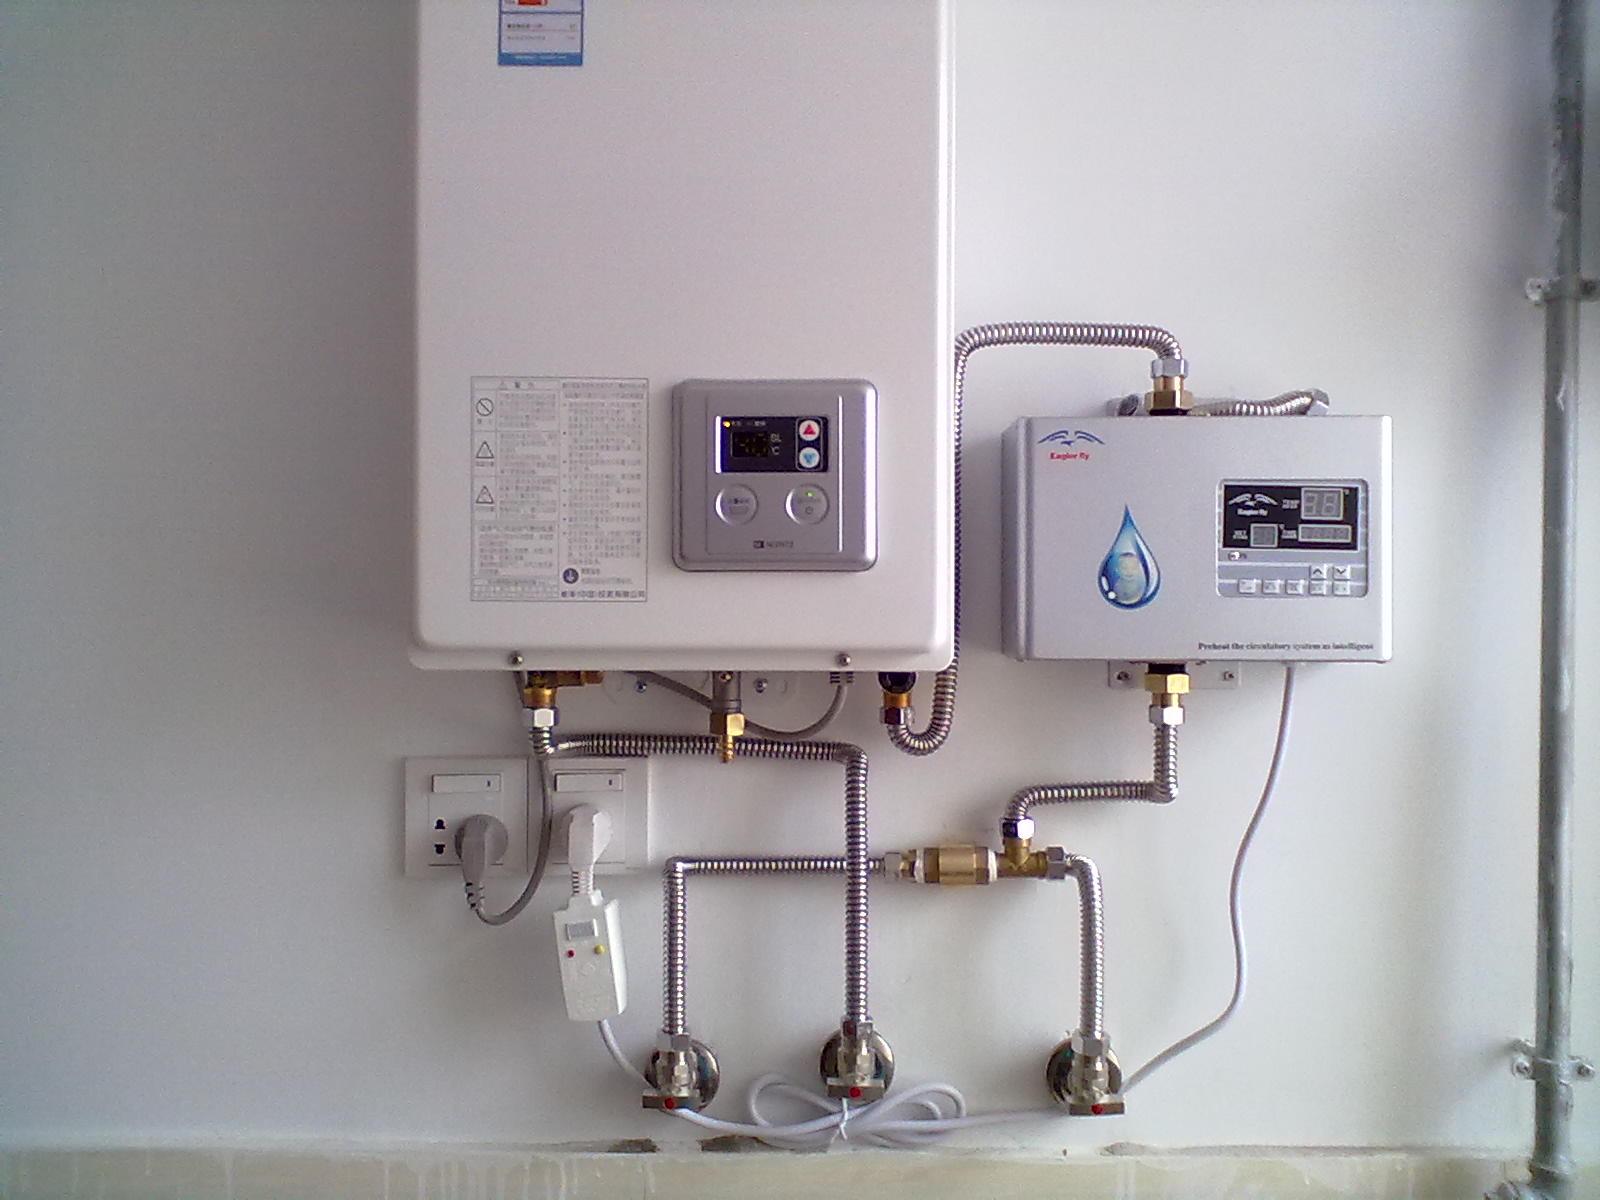 装修论坛  装修采购  > 循环水系统(回水器)安装   热水循环系统在我图片